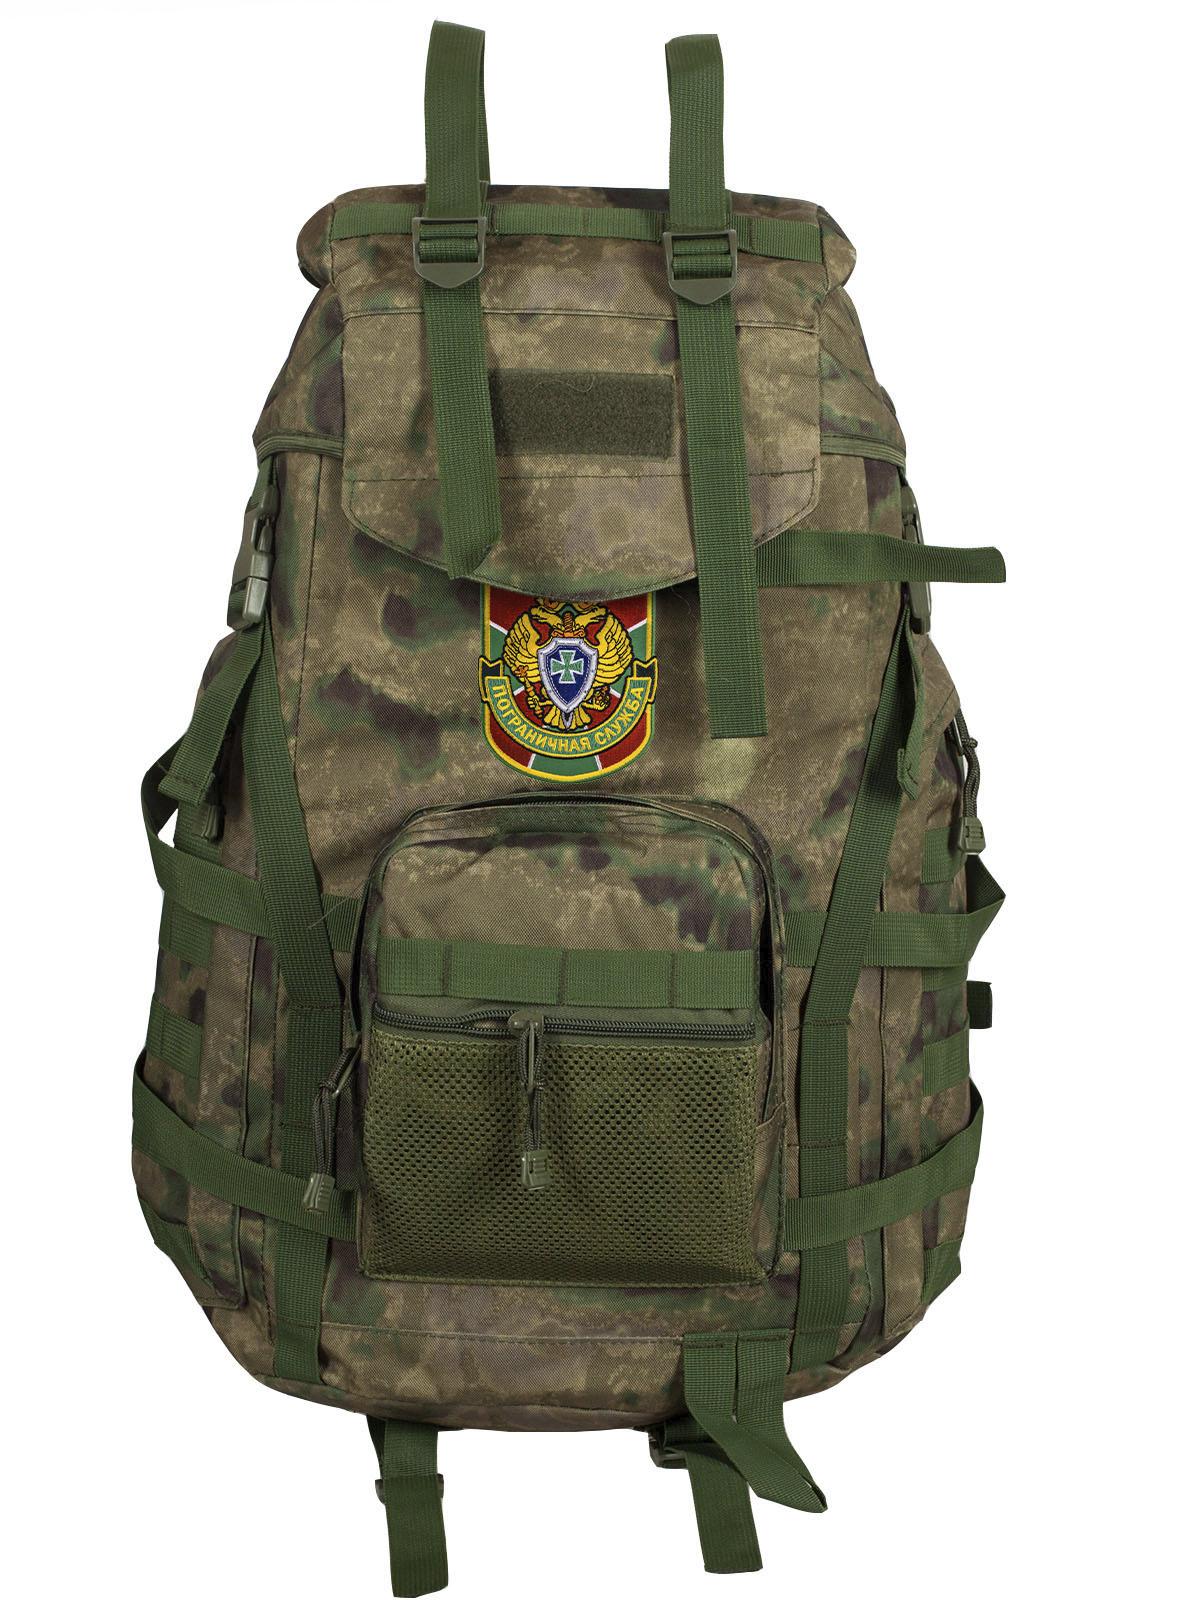 Тактический военный рюкзак MultiCam A-TACS FG Погранслужба - купить оптом